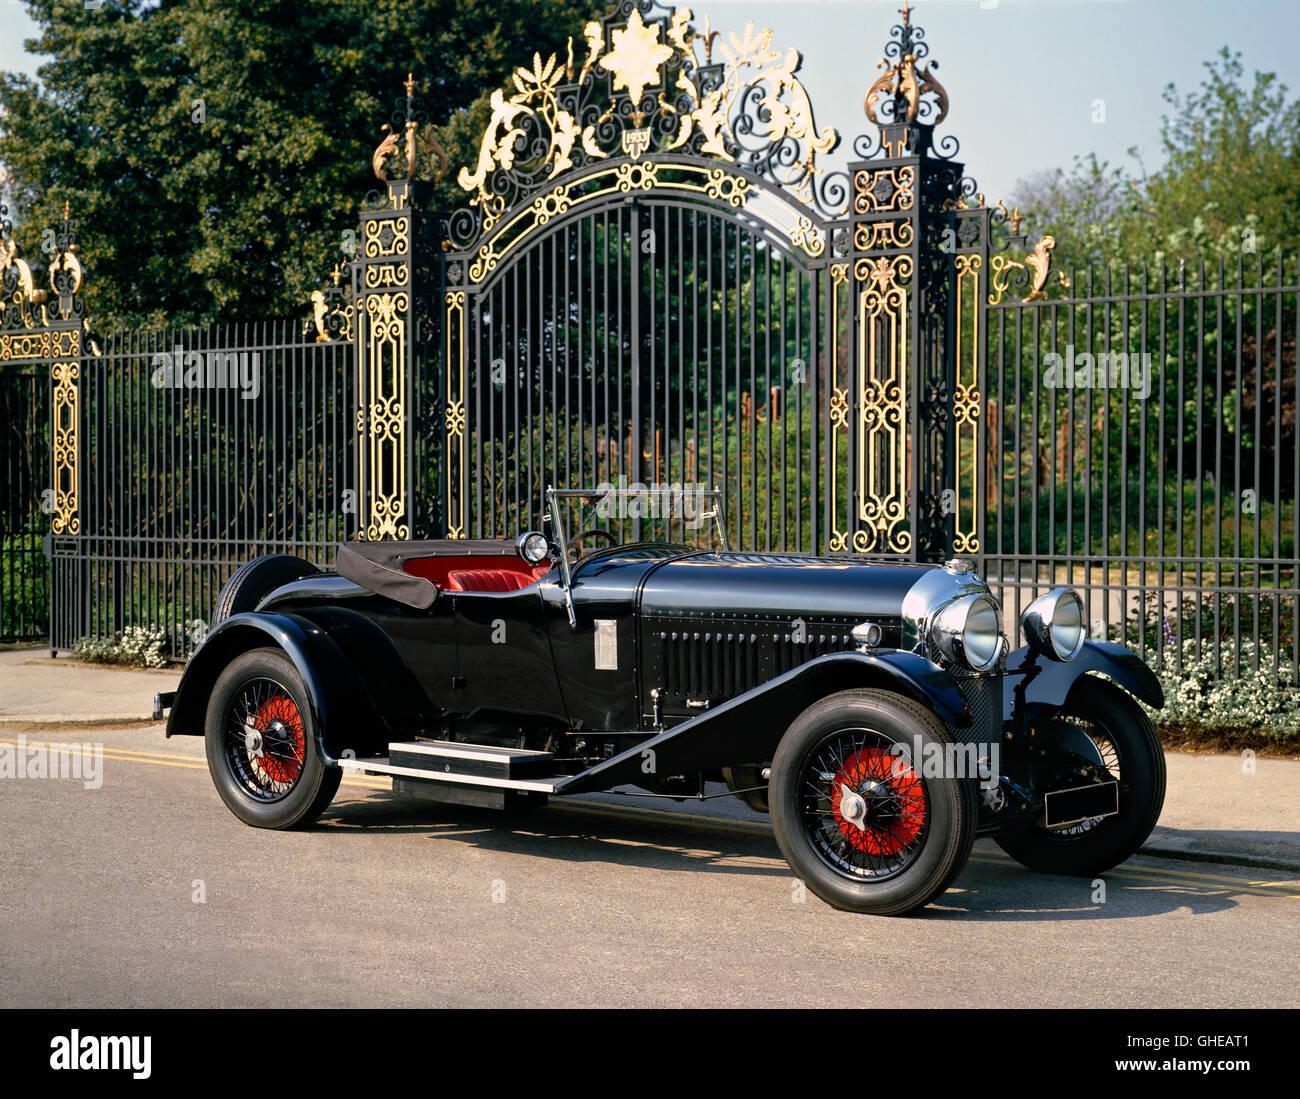 1929 Bentley Stock Photos & 1929 Bentley Stock Images